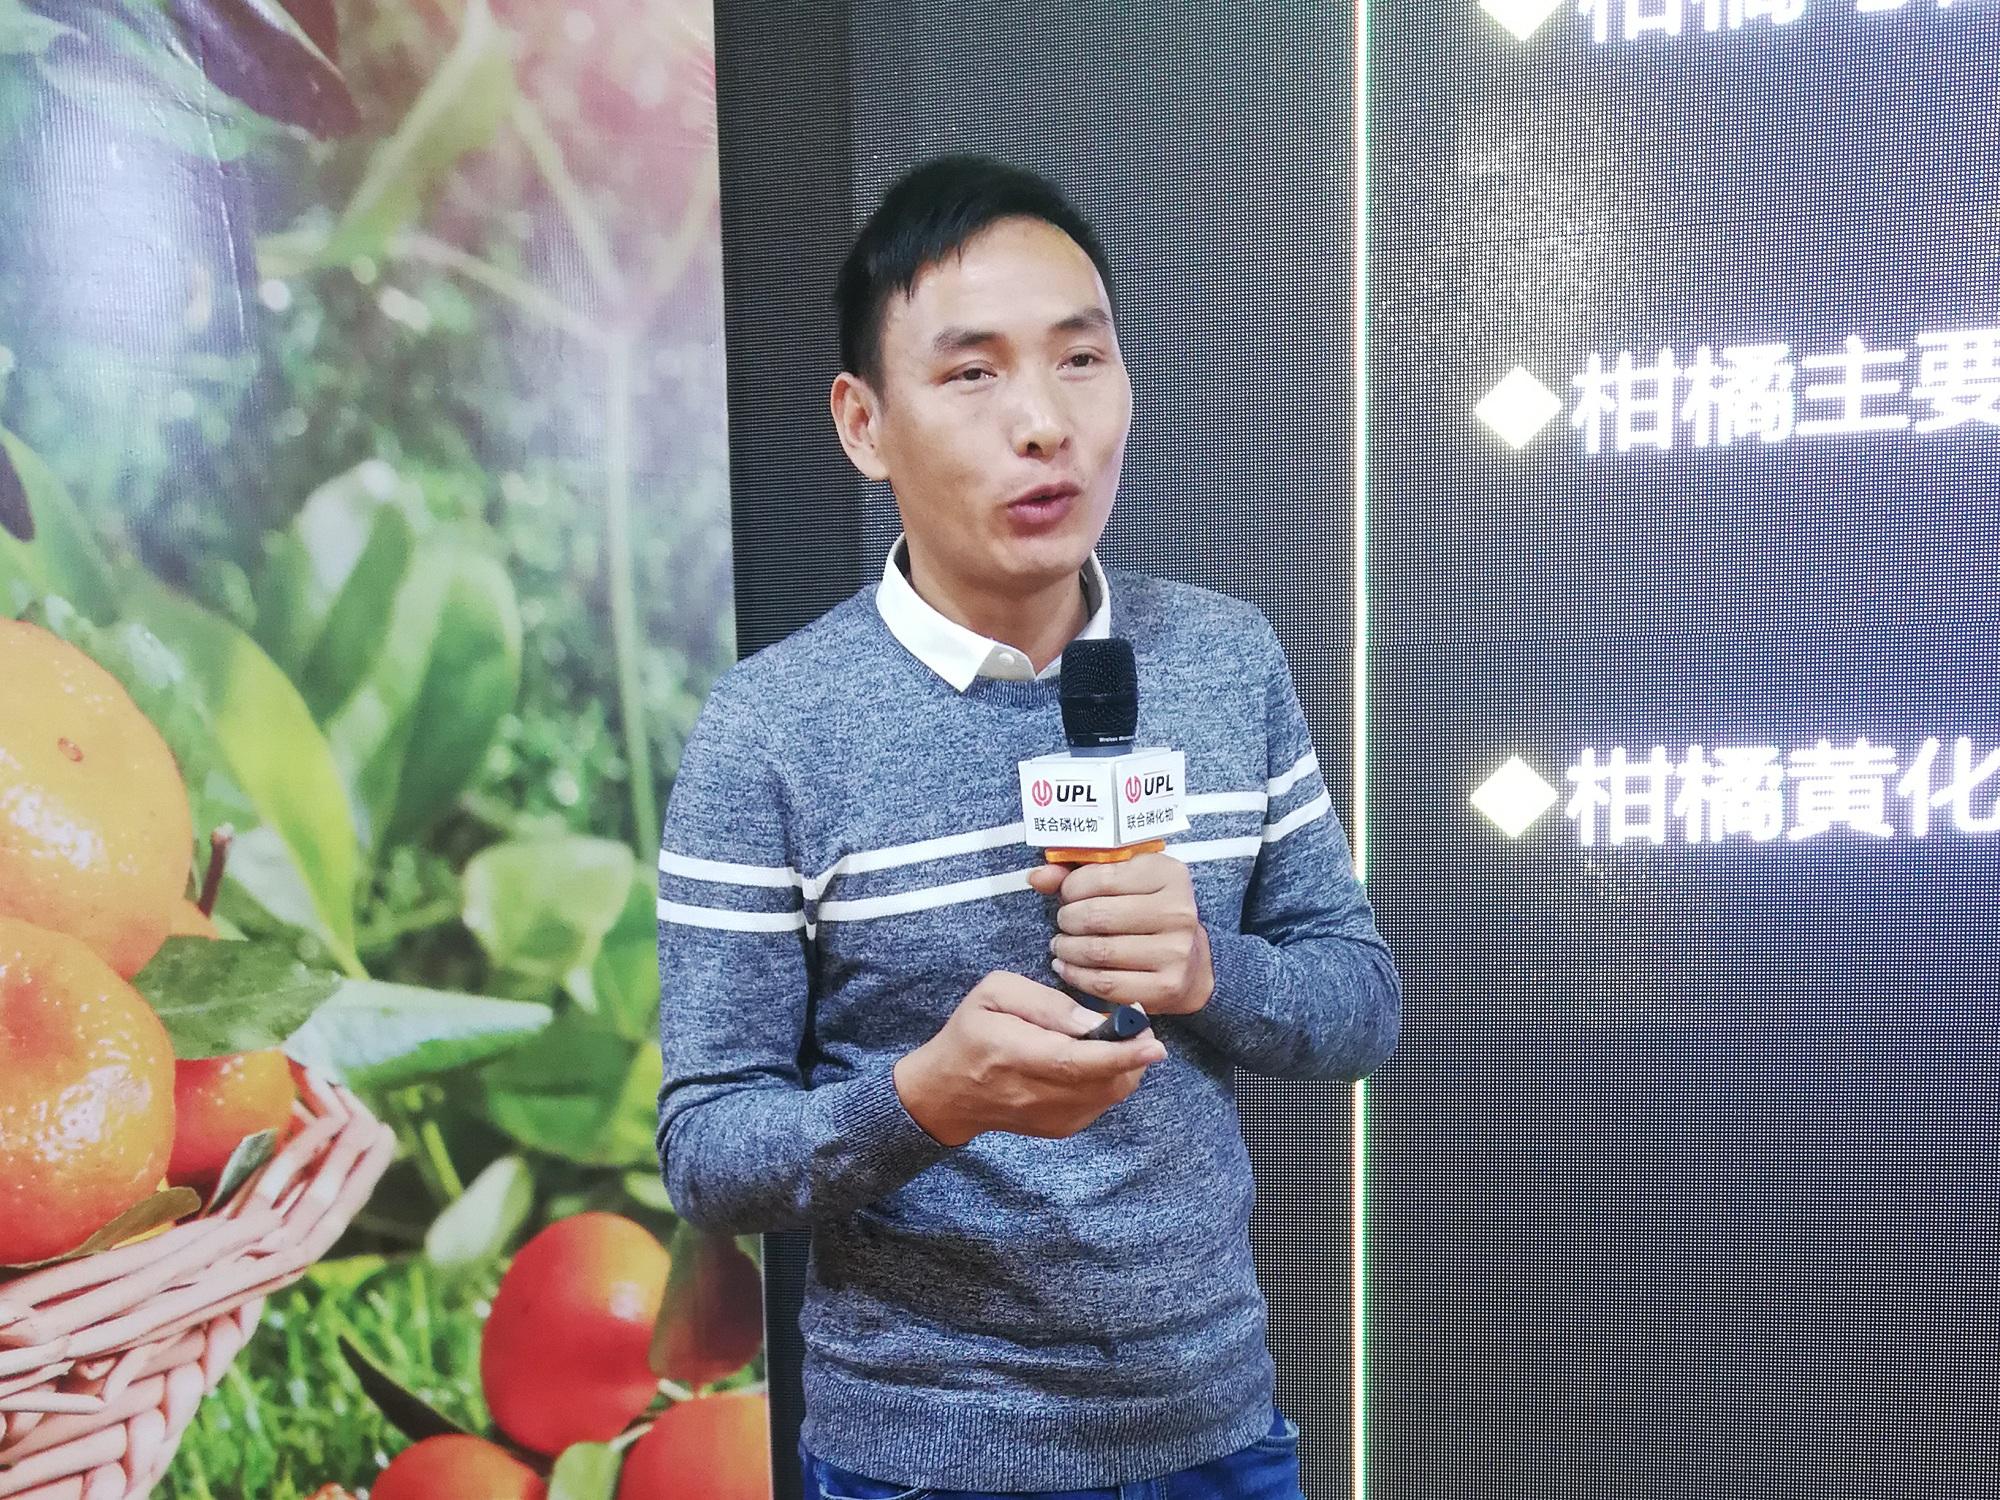 廣西柑橘行業協會特聘專家、武鳴柑橘技術服務公司技術總監盧文彝